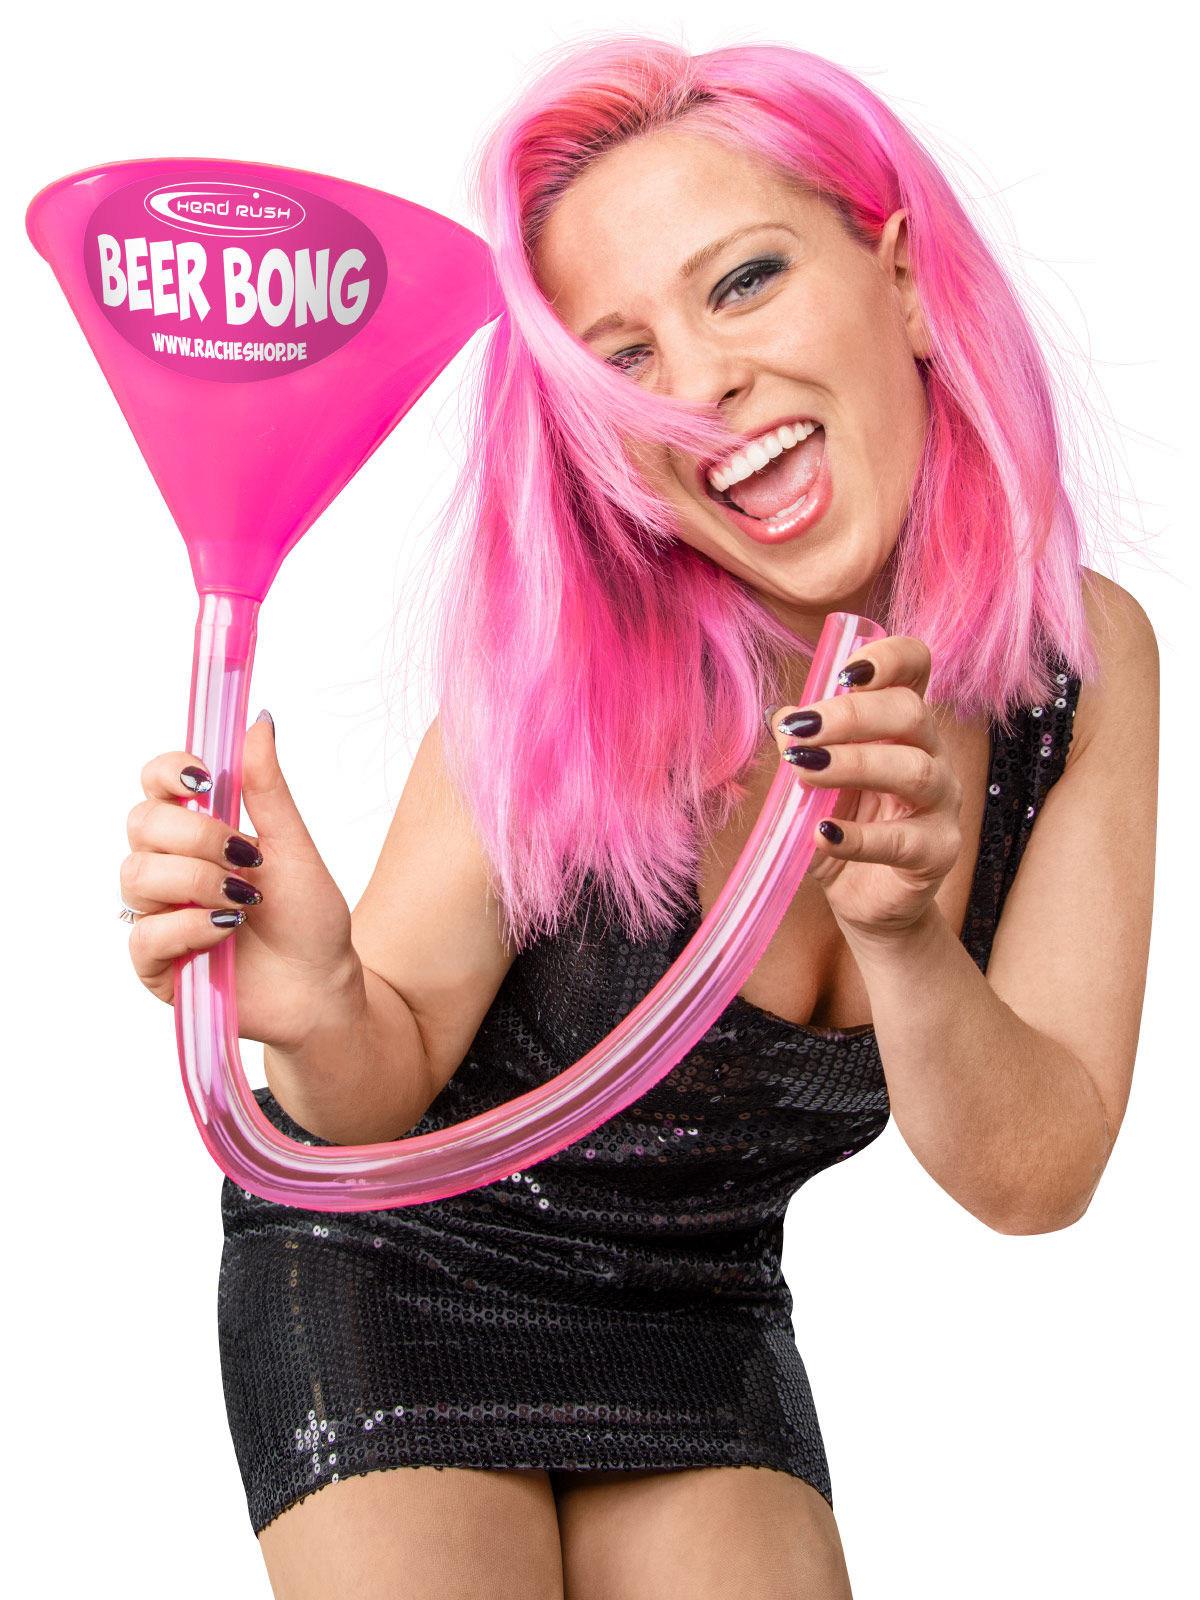 Embudo para cerveza rosa 70 cm Headrush Beer bong®: Decoración,y ...